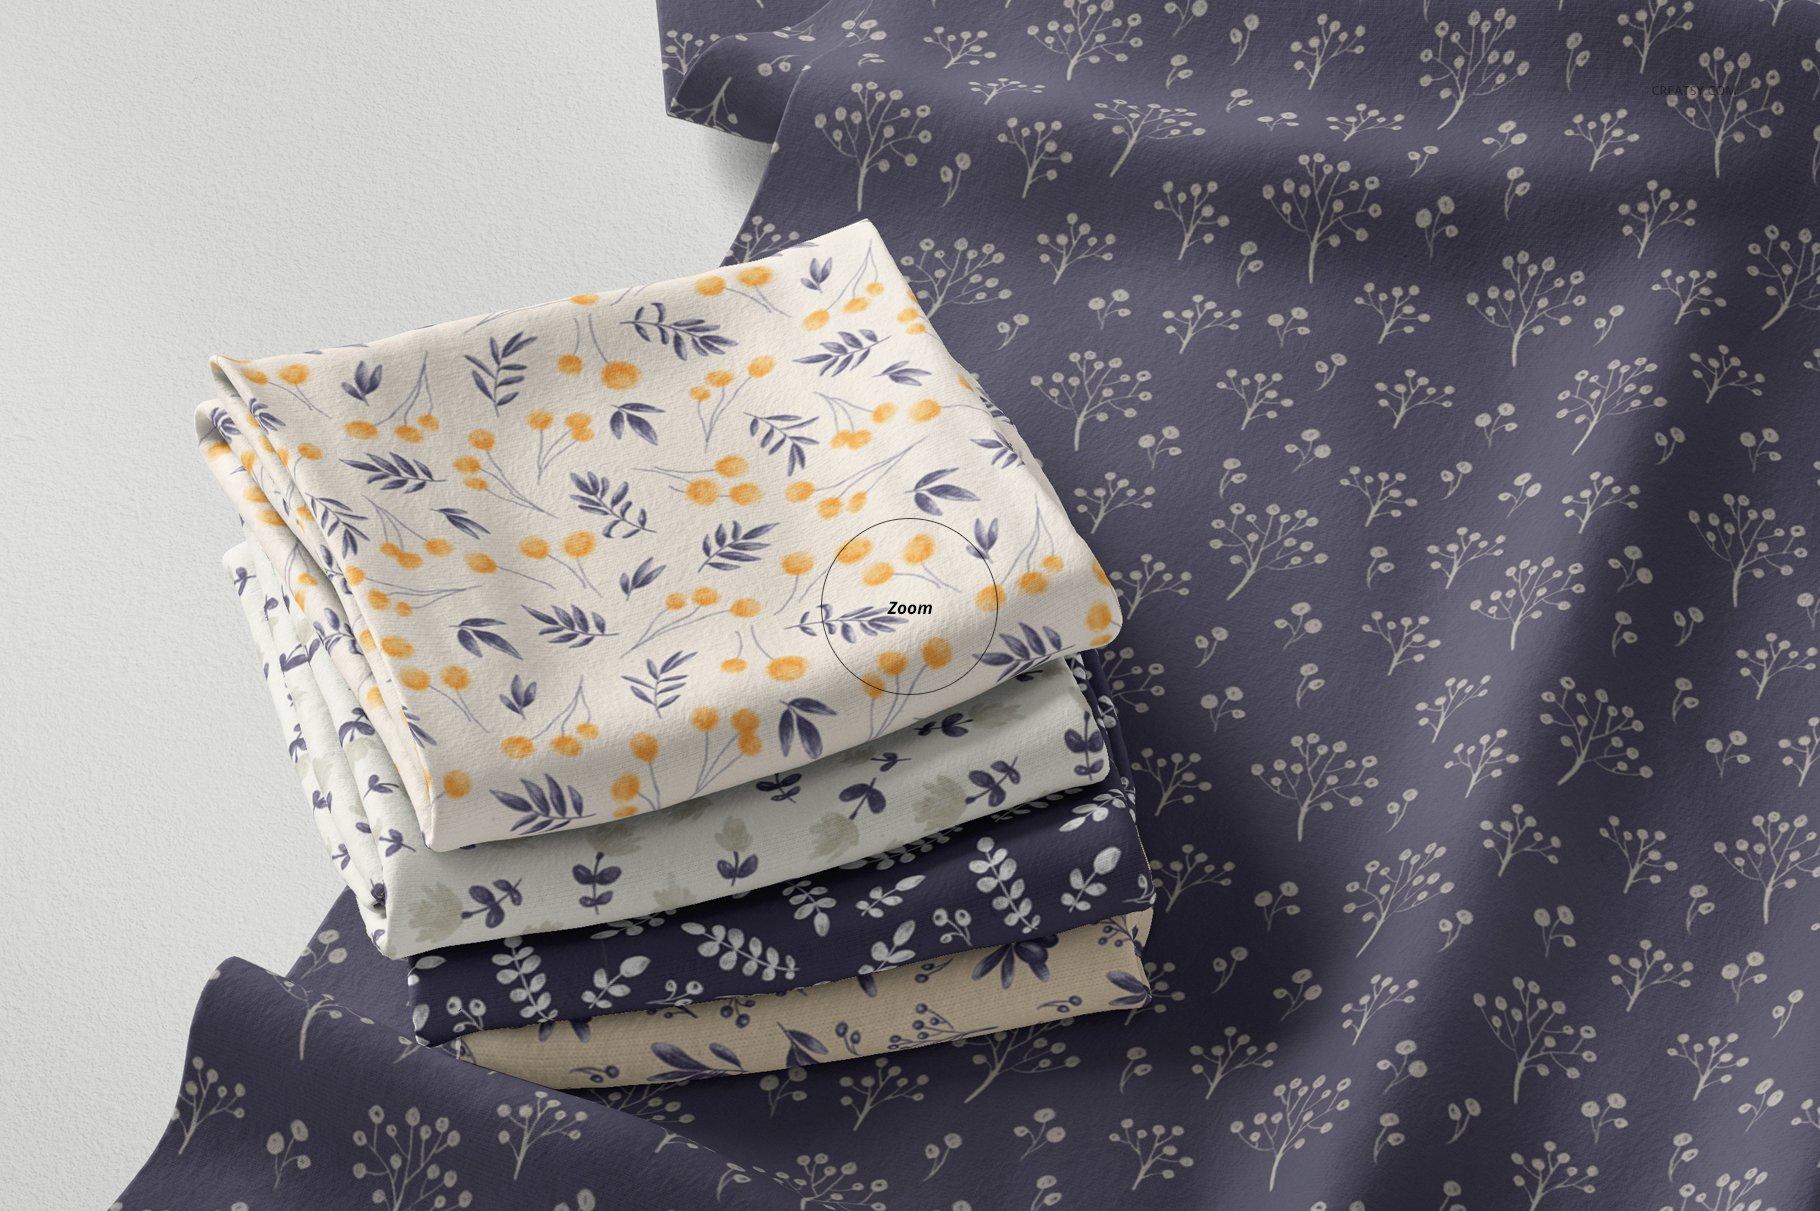 折叠织物面料印花图案设计贴图样机PSD模板 Folded Fabrics Mockup 28/FF v.6插图(4)